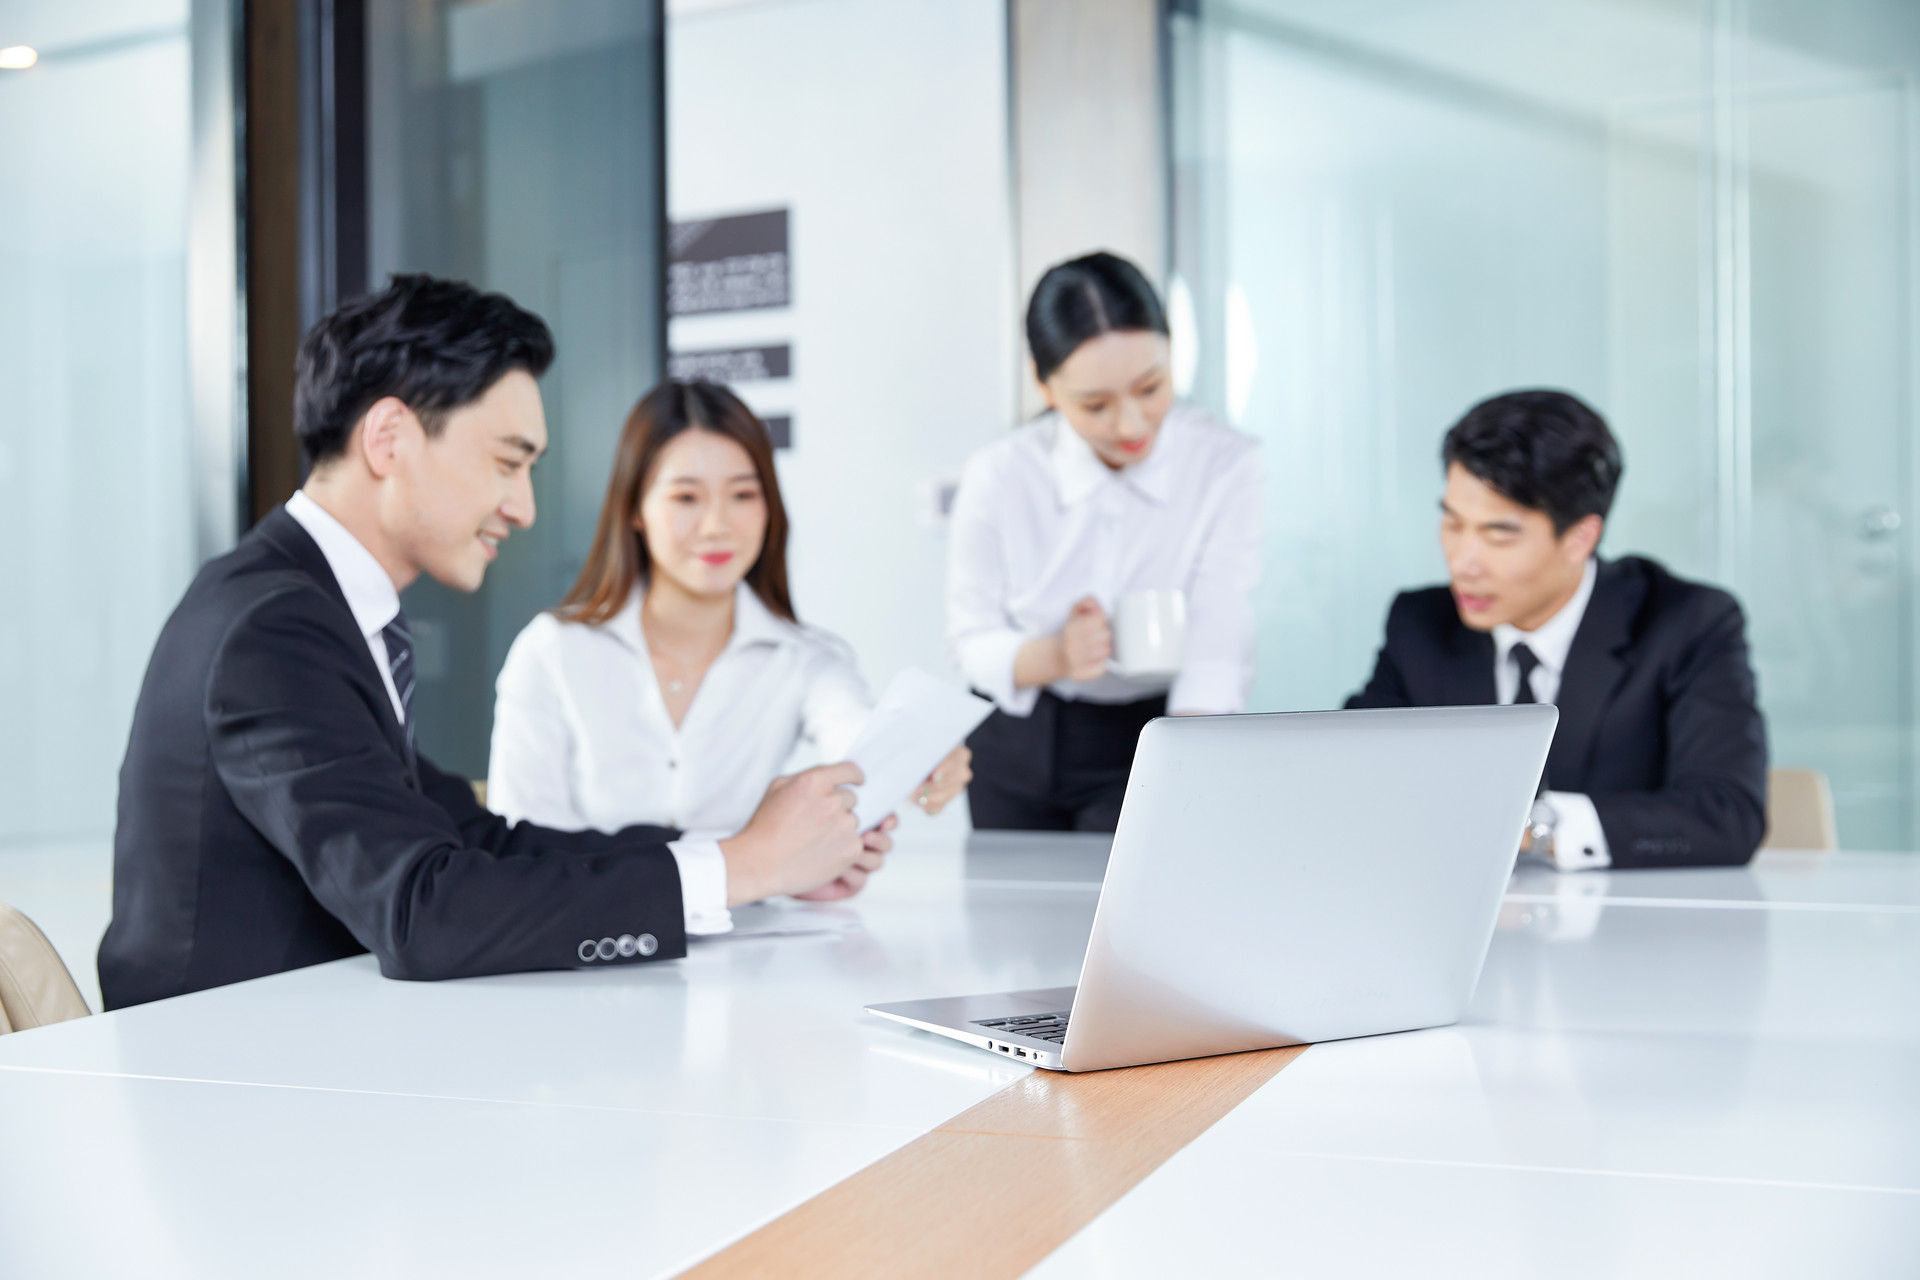 唐山管理企业培训